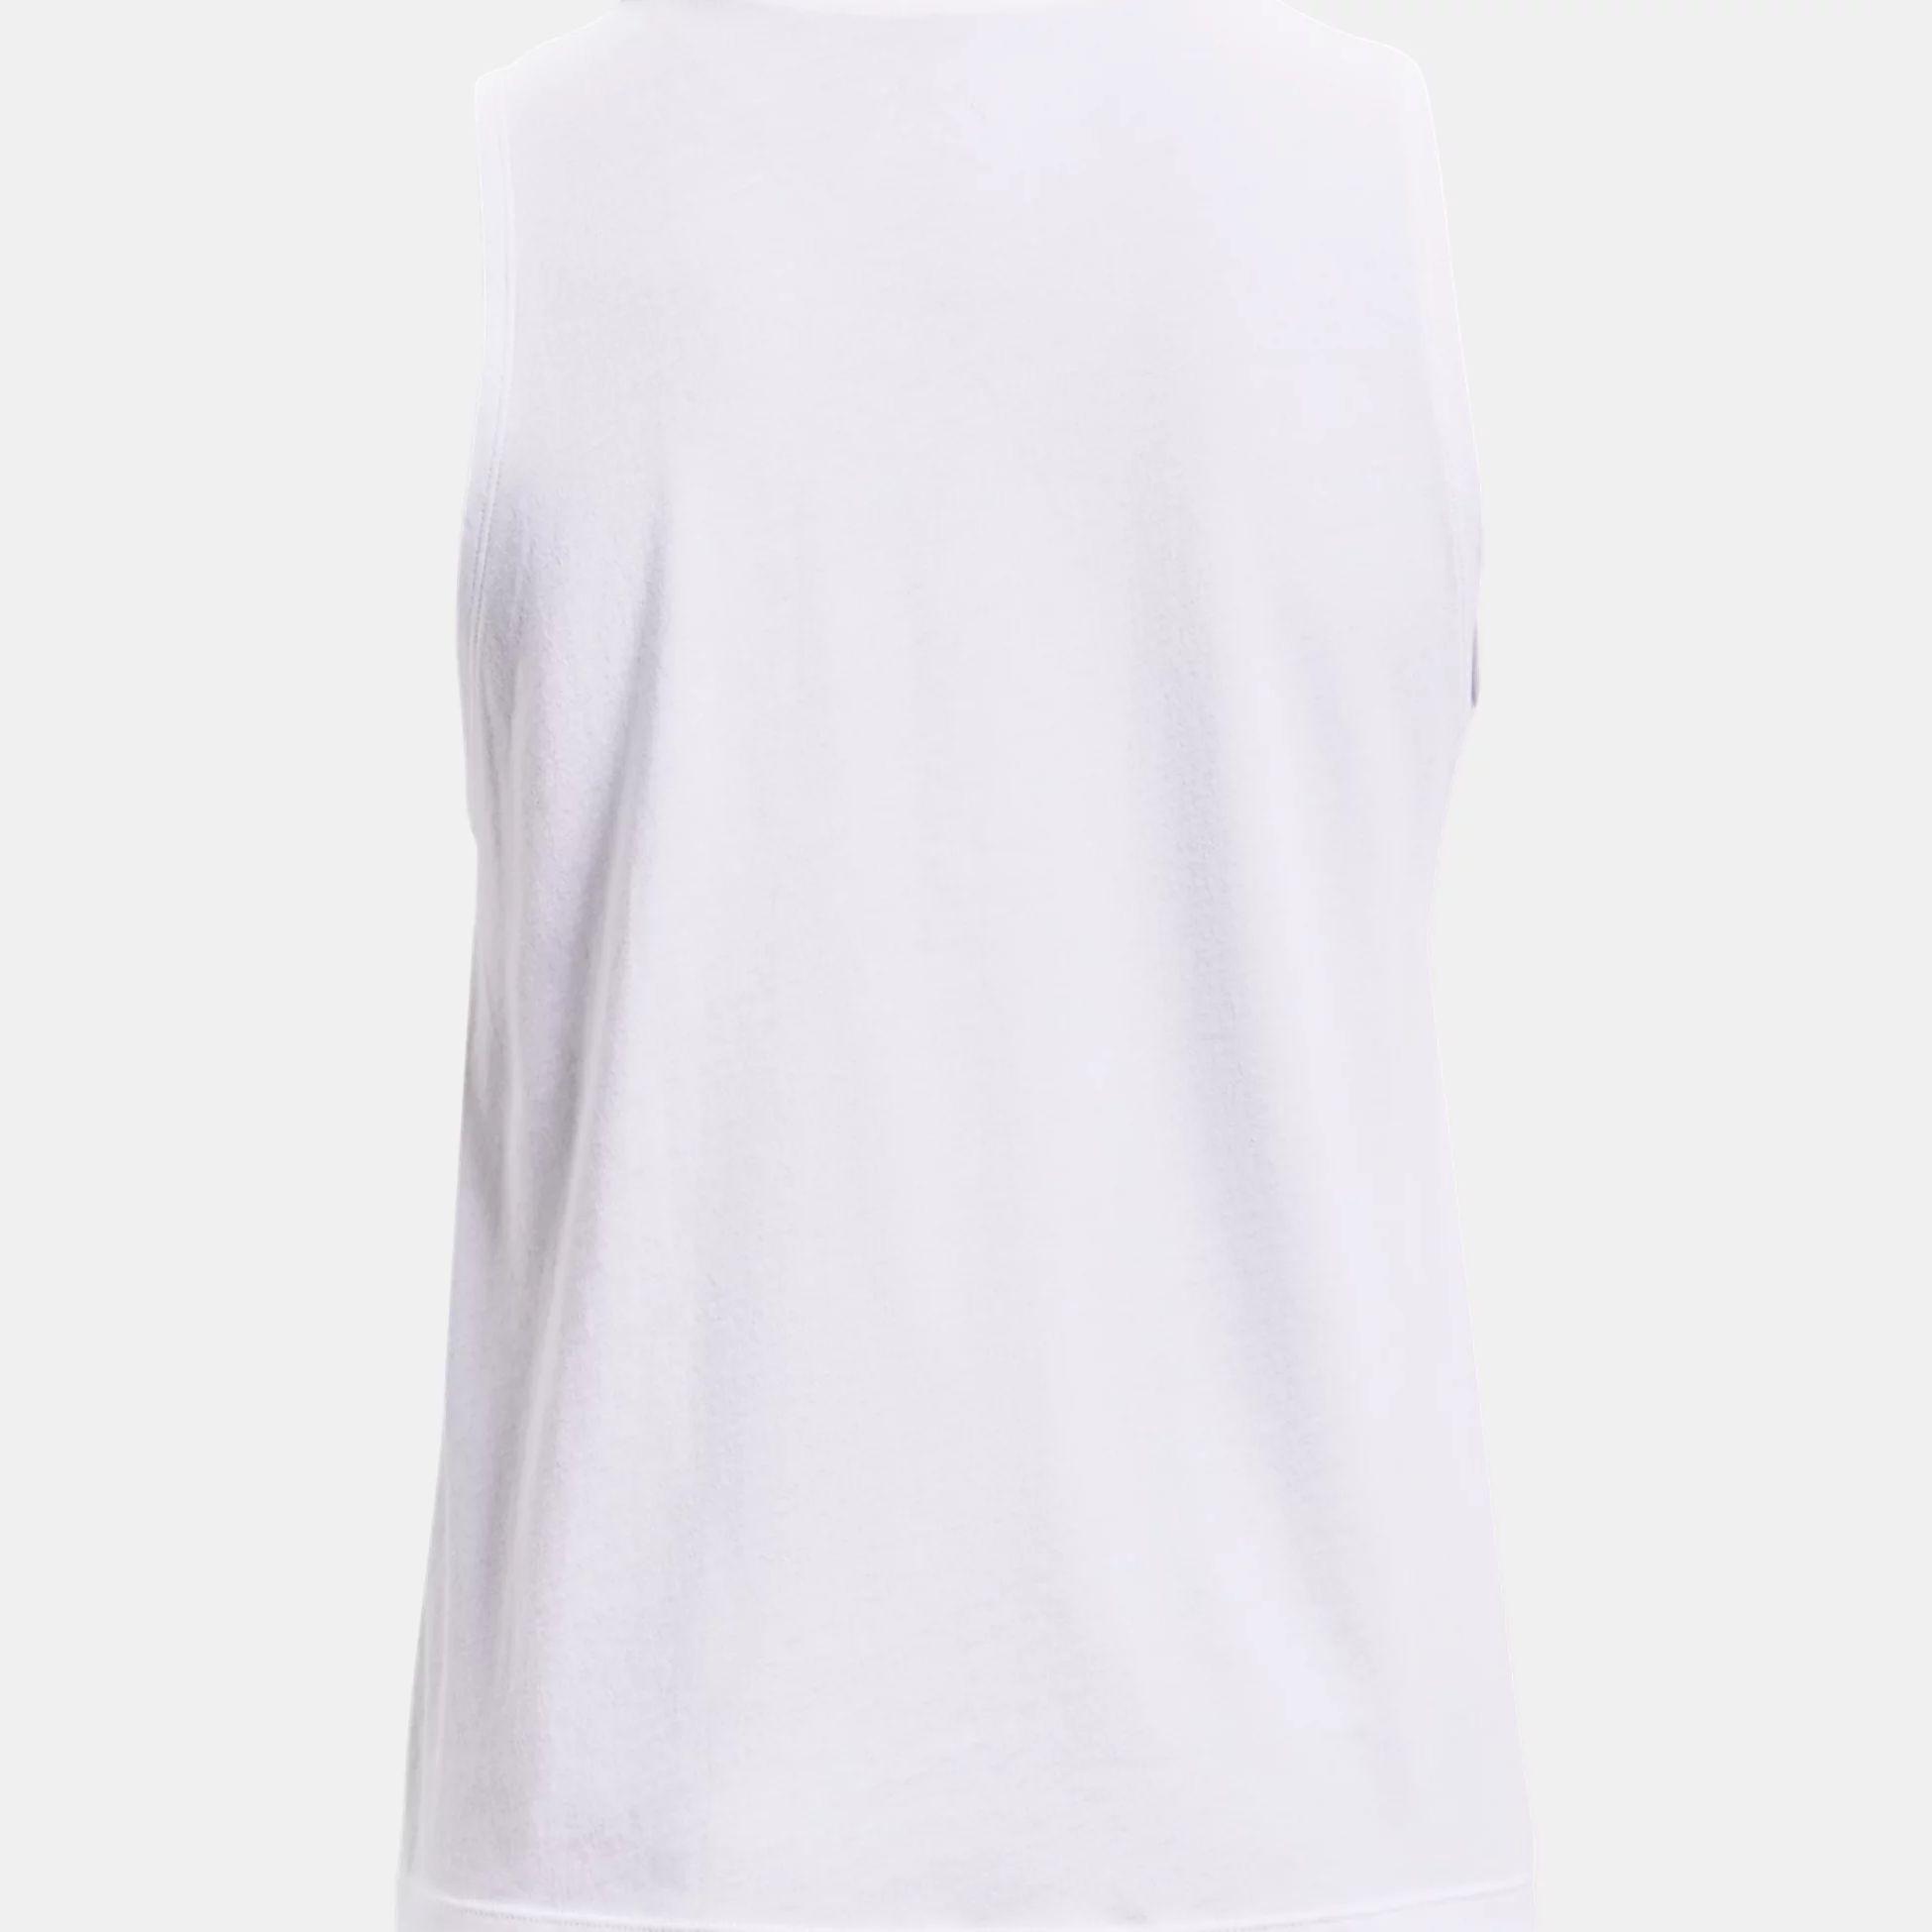 Îmbrăcăminte -  under armour UA Repeat Muscle Tank 0836